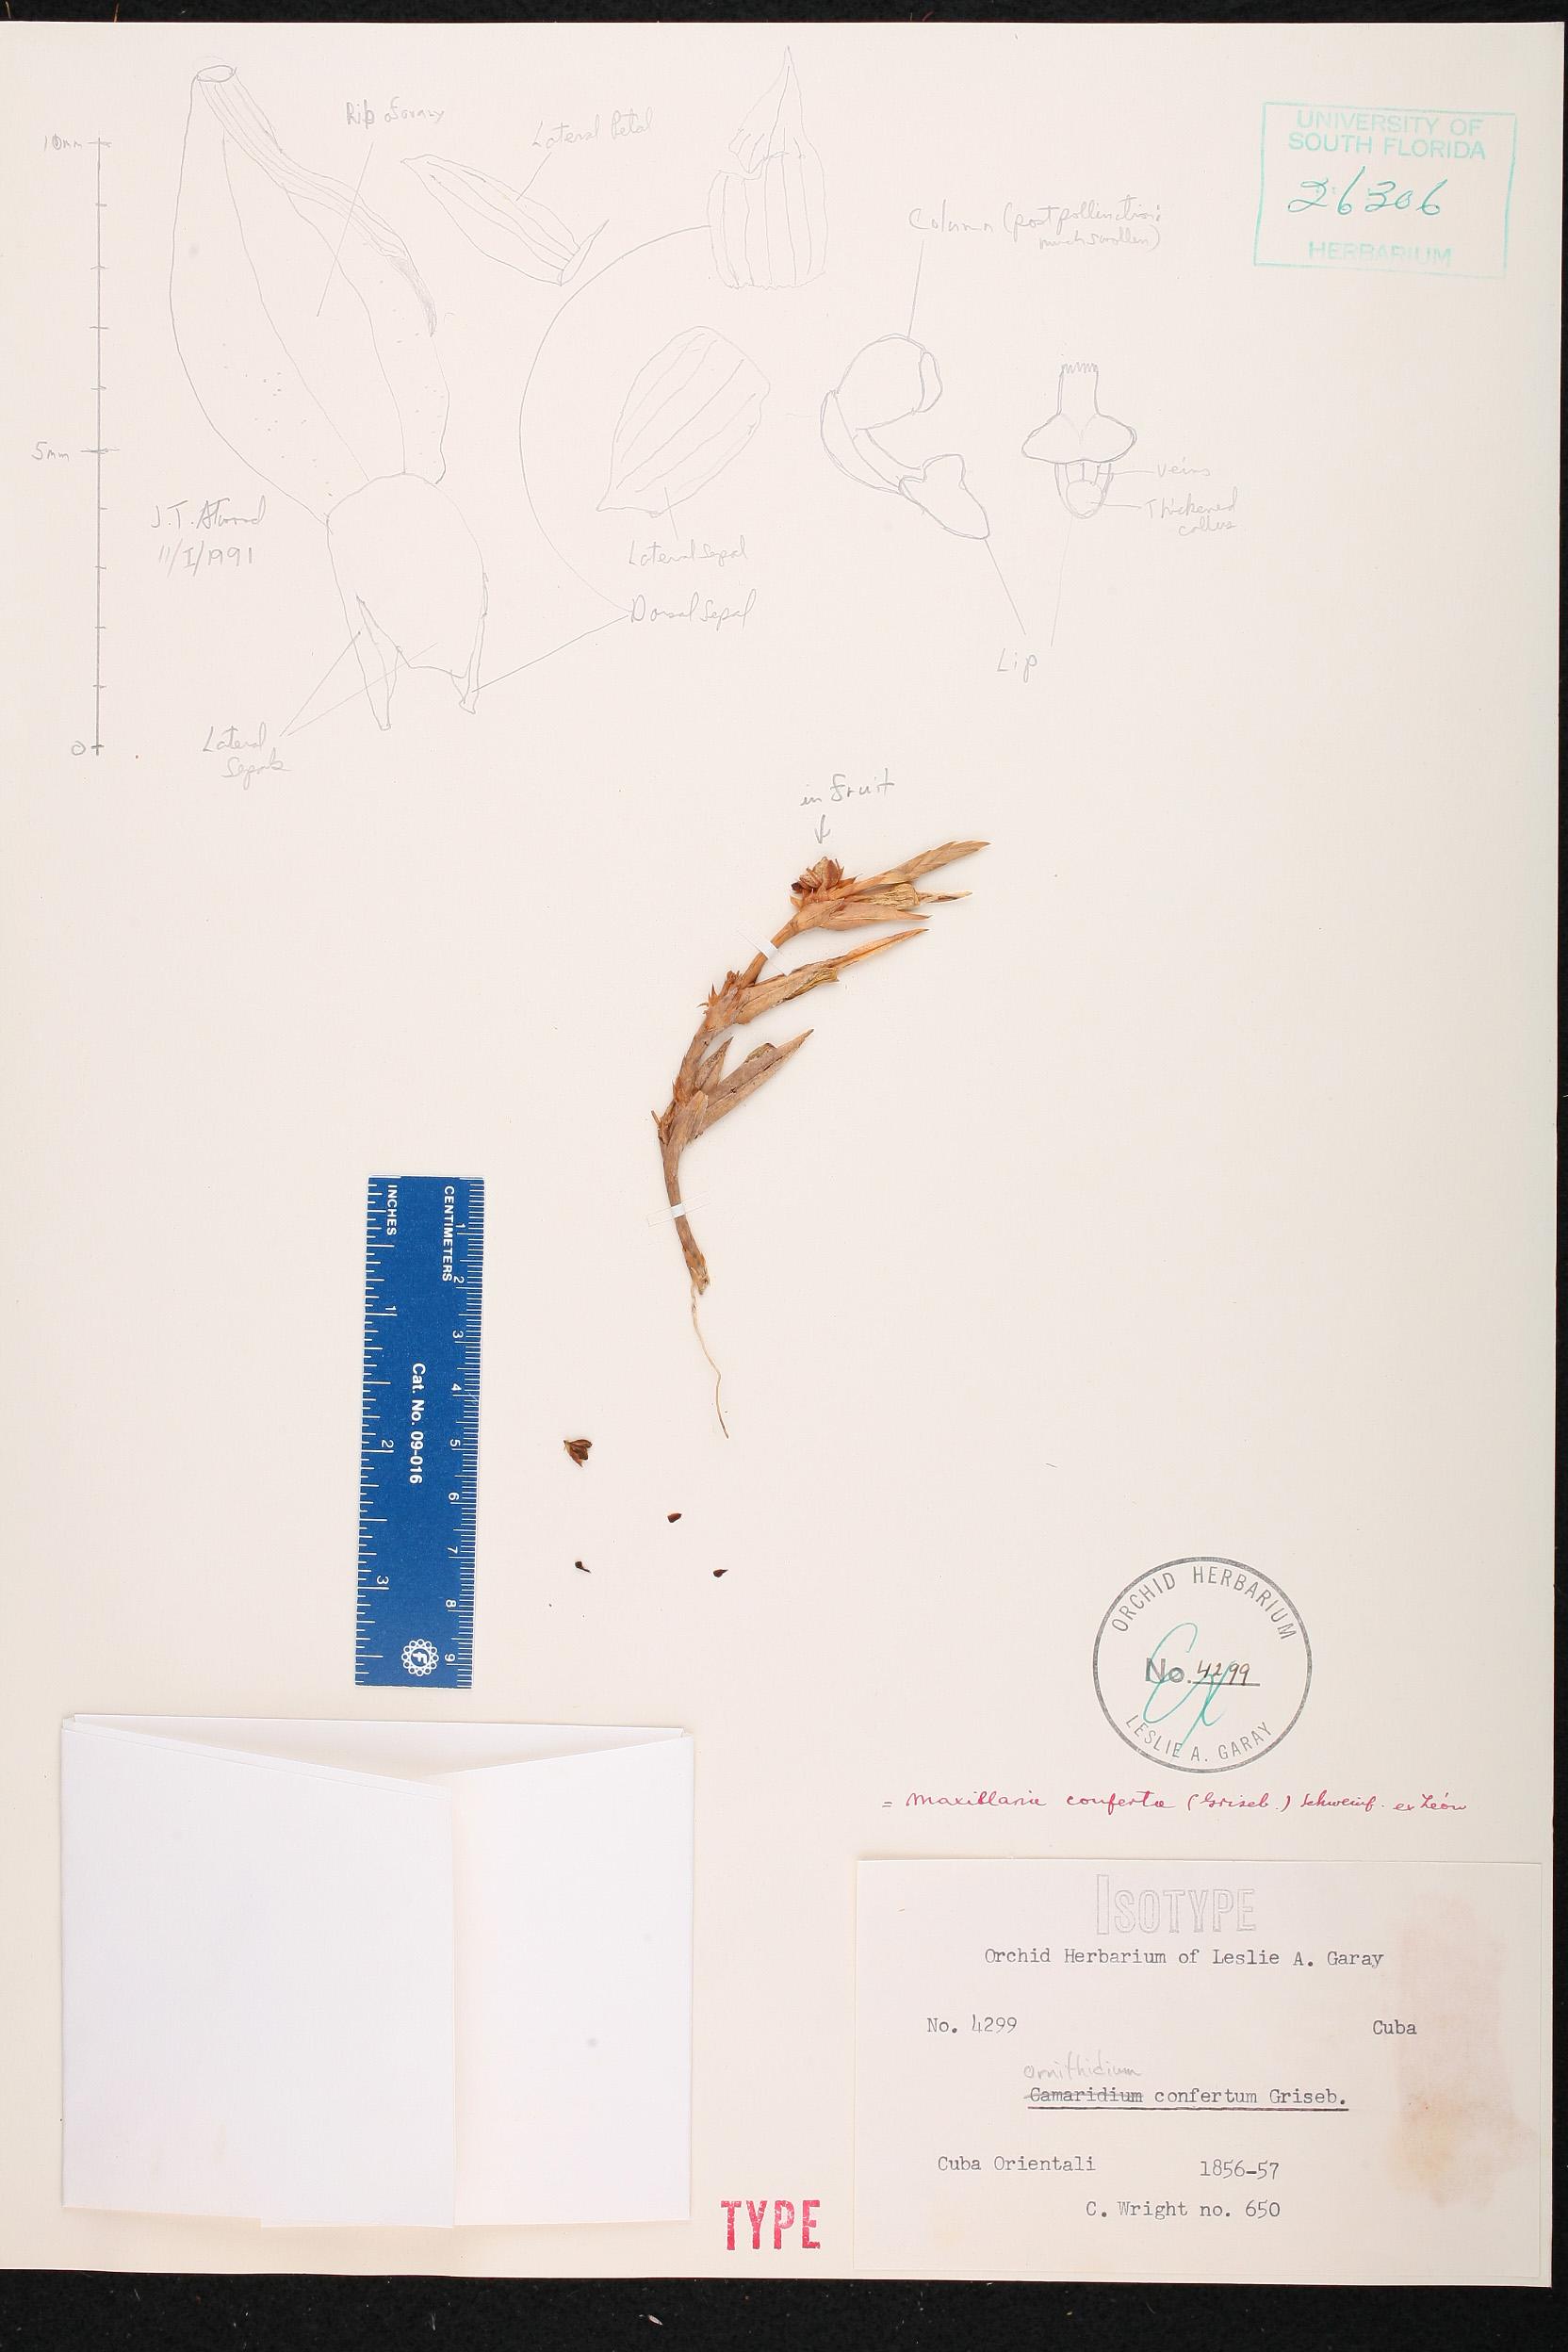 Maxillaria conferta image